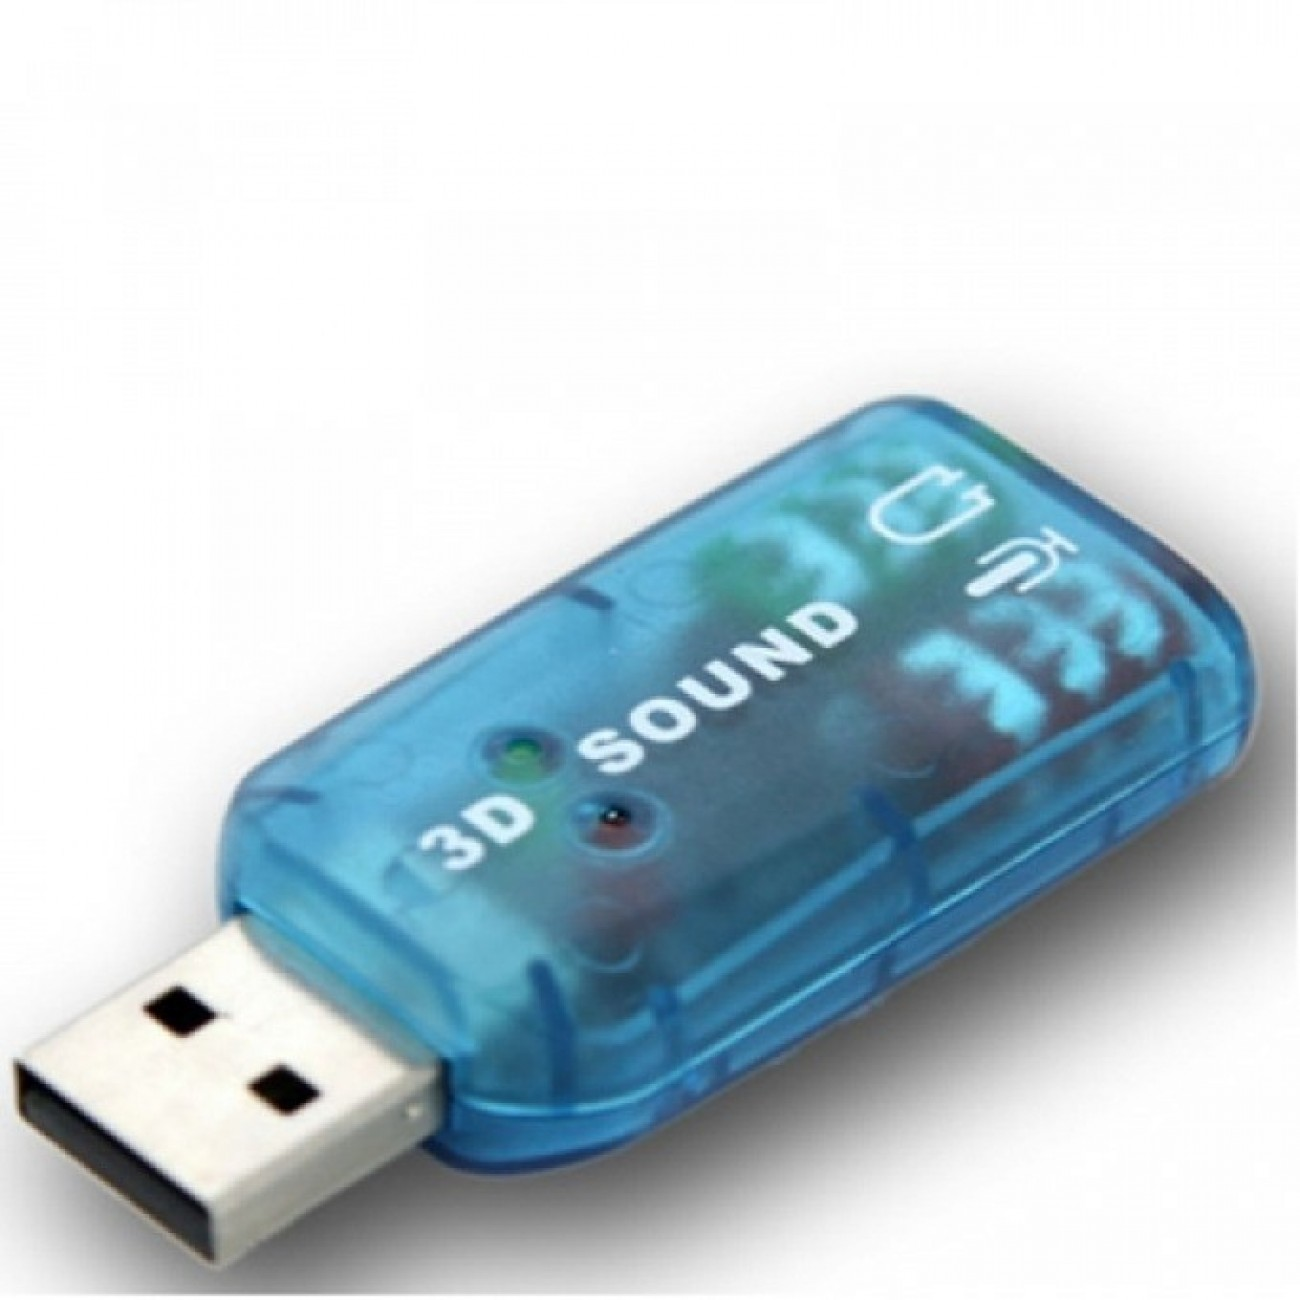 Външна звукова карта, USB, 3.5mm жак, MIC жак, синя в Звукови карти - Noname | Alleop